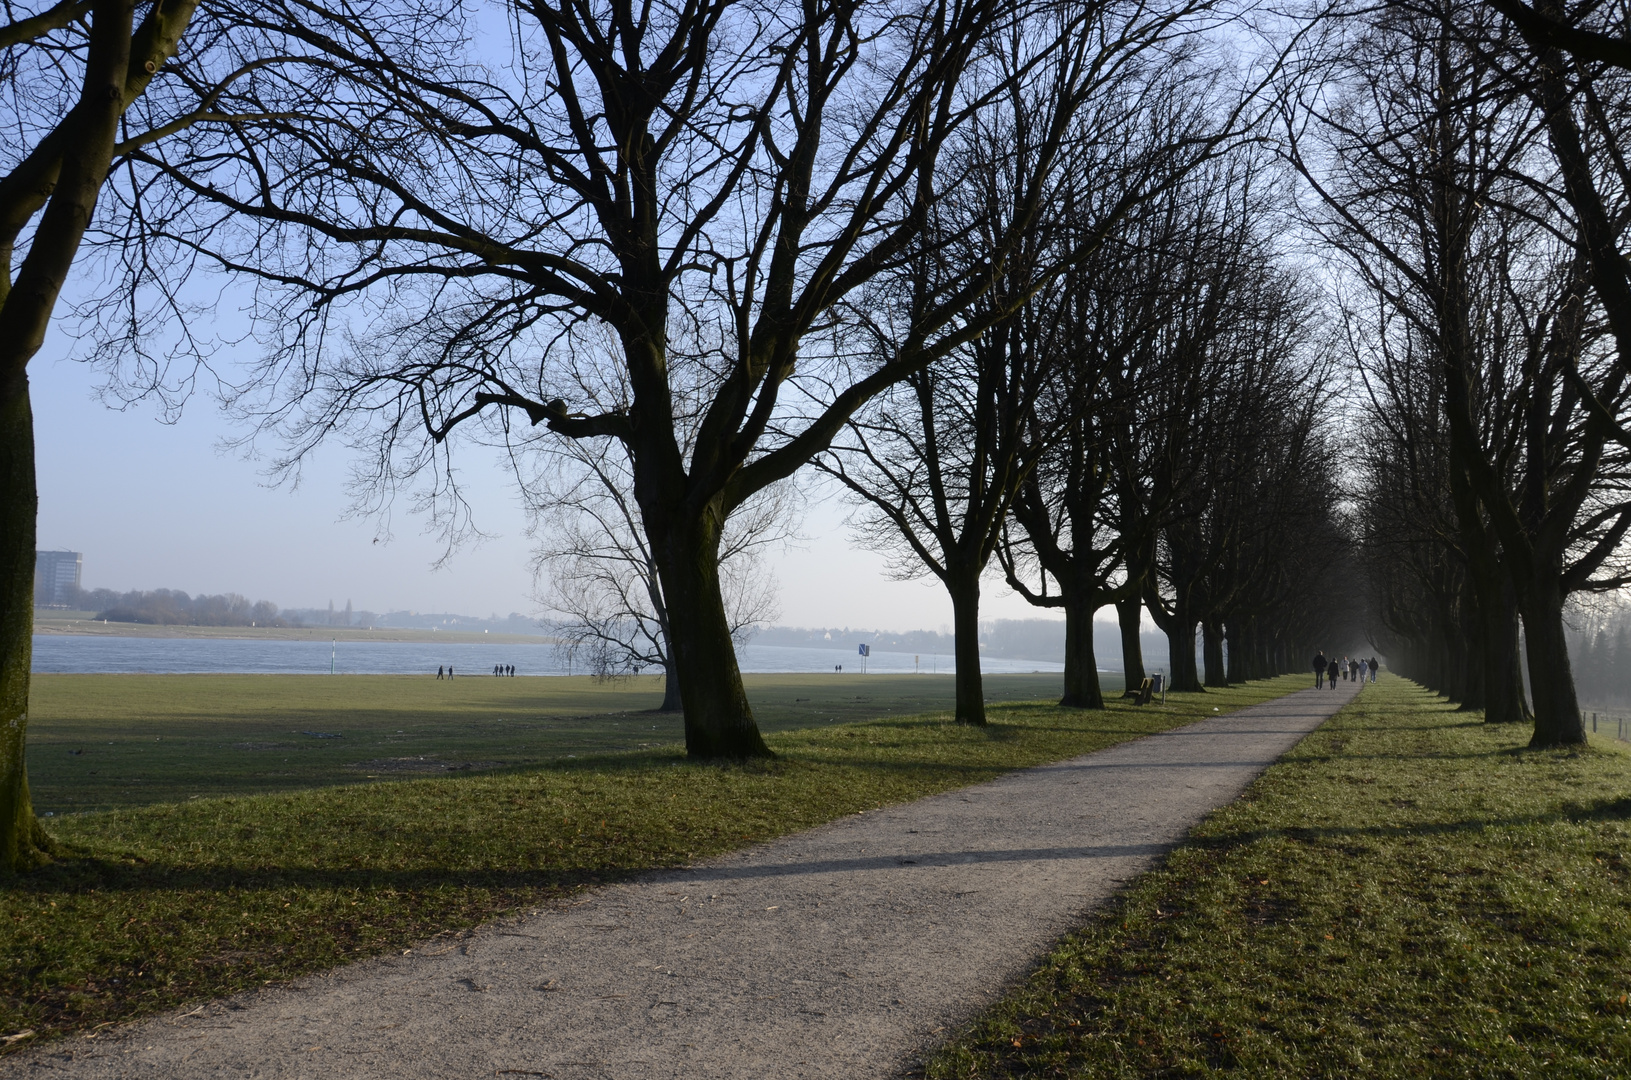 Deichallee am Rhein bei Neuss